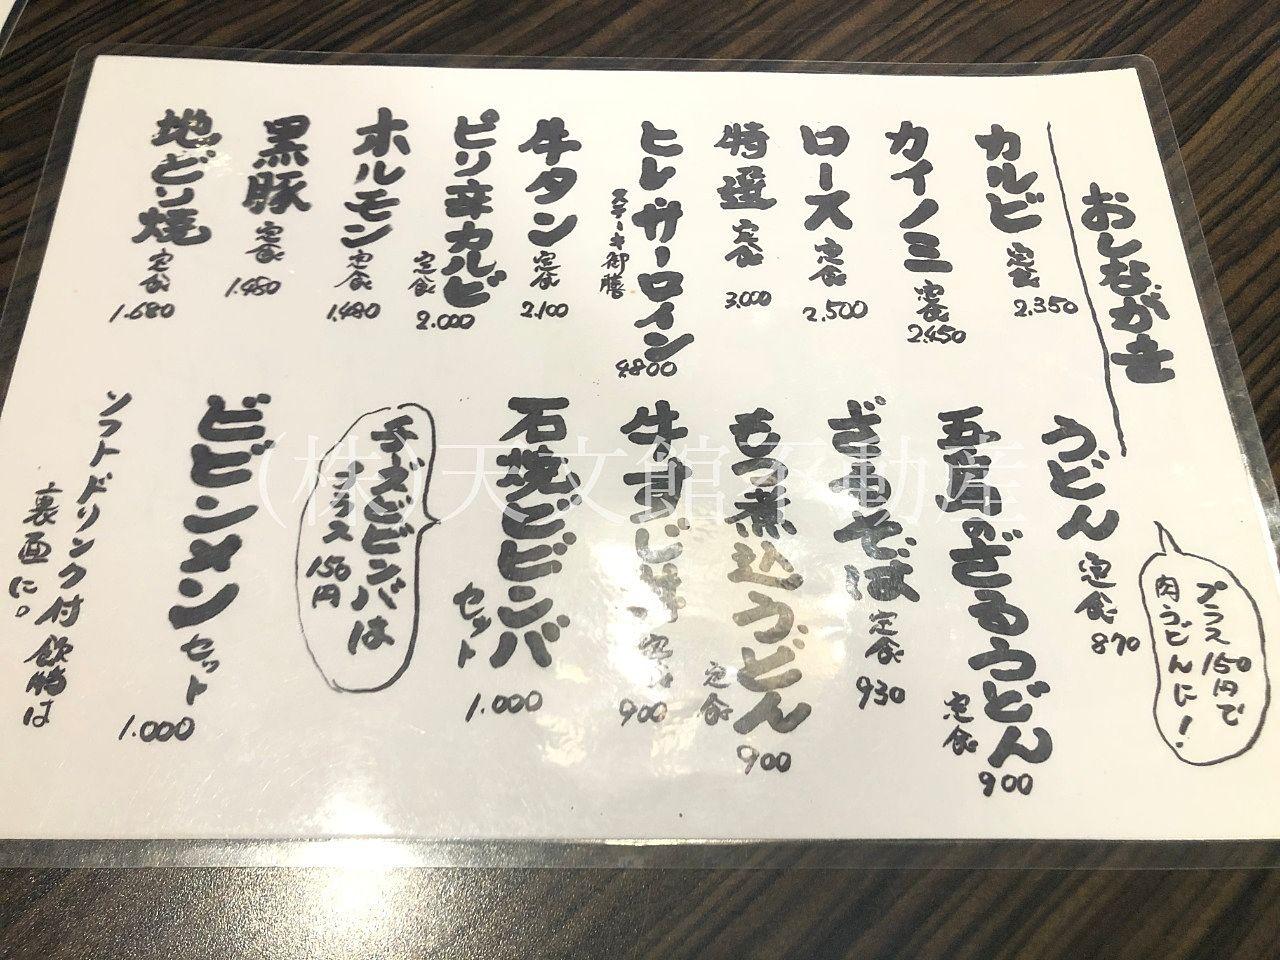 鹿児島県日置市伊集院町猪鹿倉の焼肉・たべもの処松風のランチメニューです。